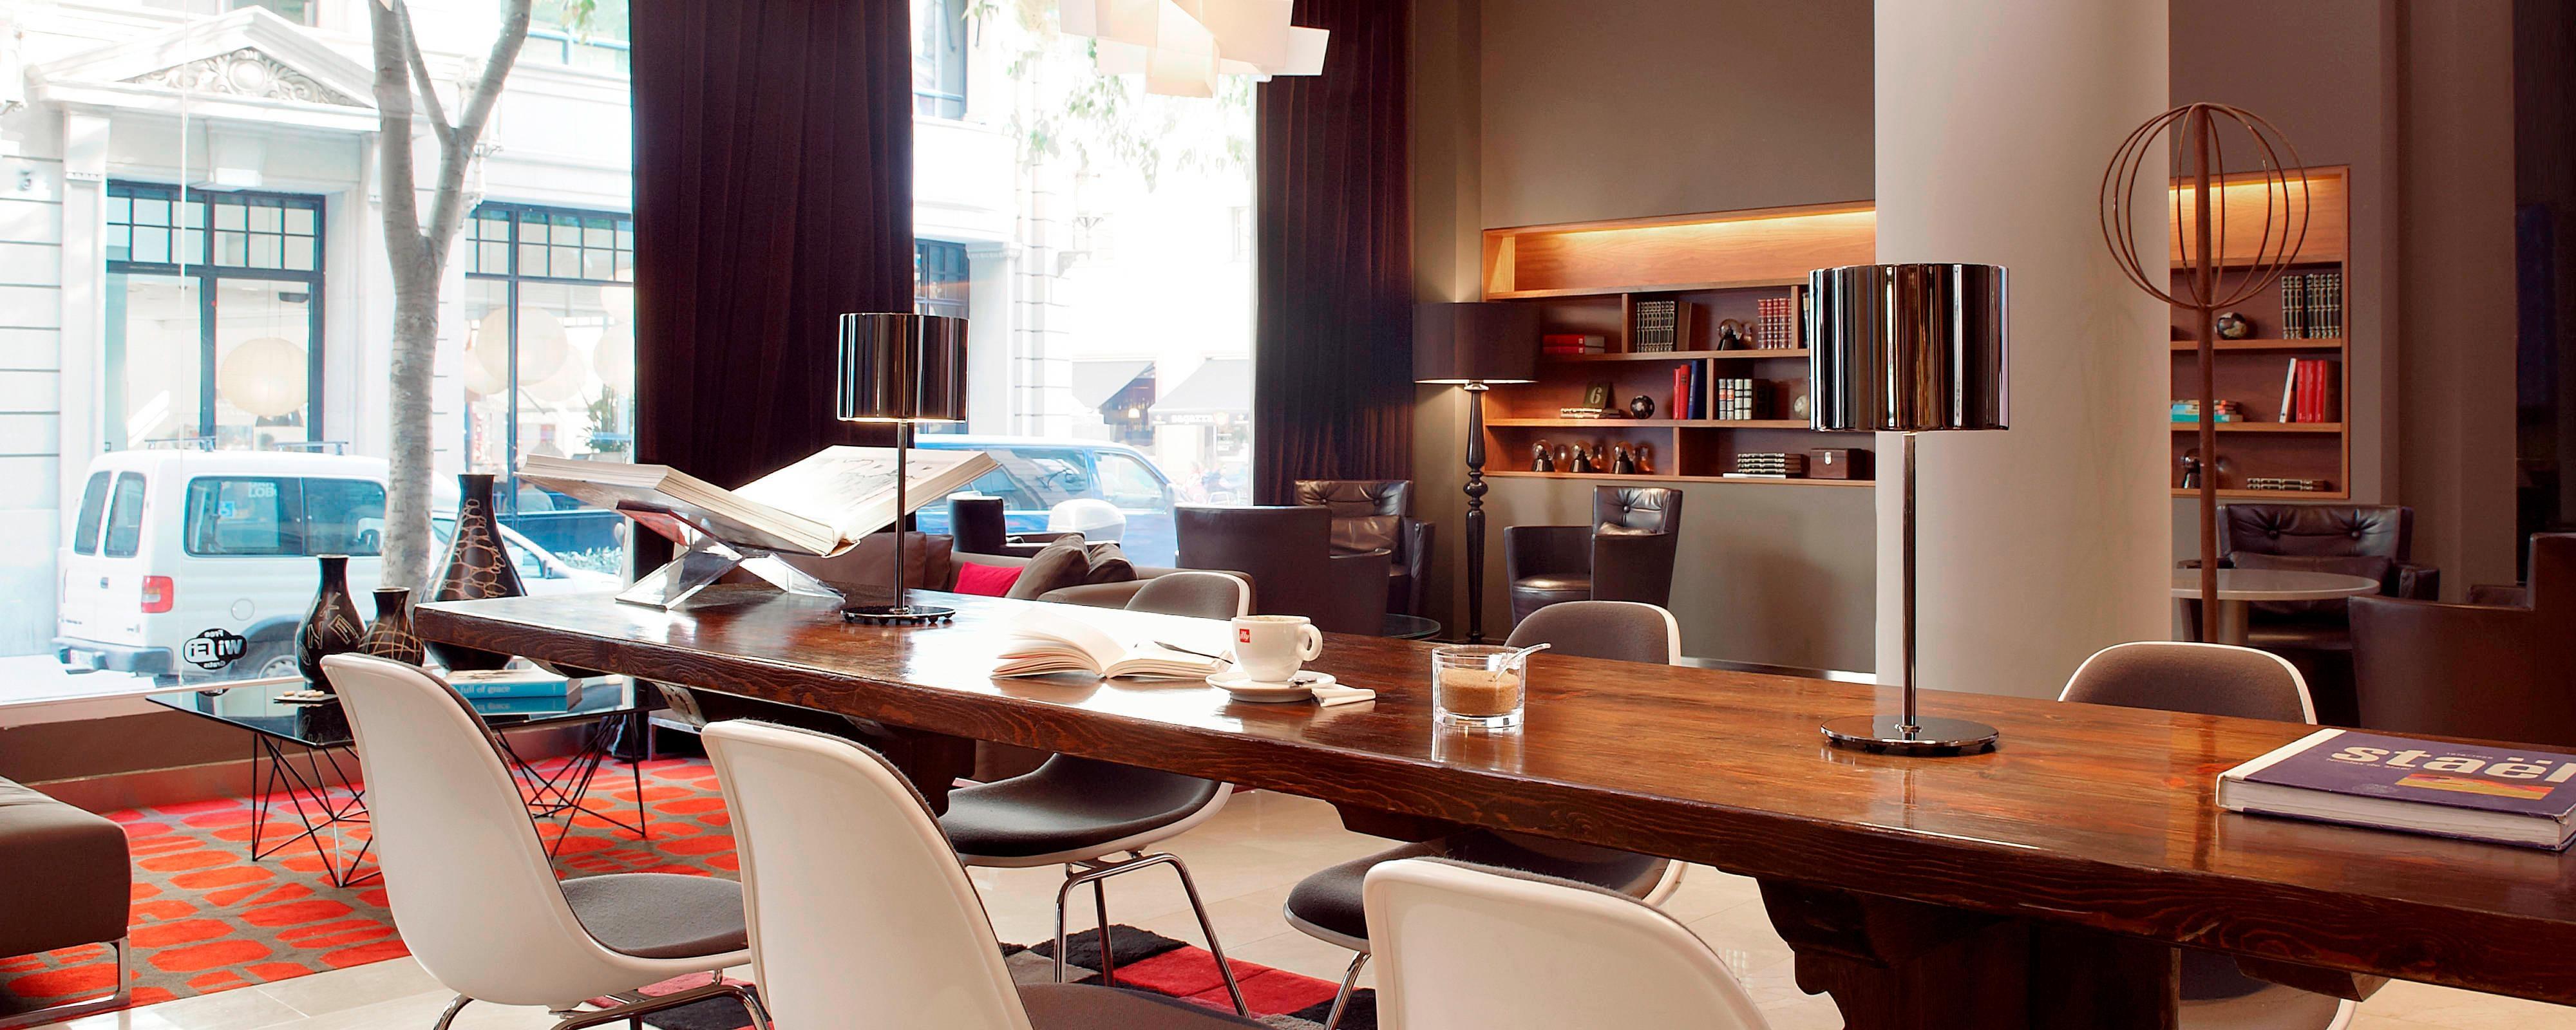 Le Meridien Hub Seating - Communal Table